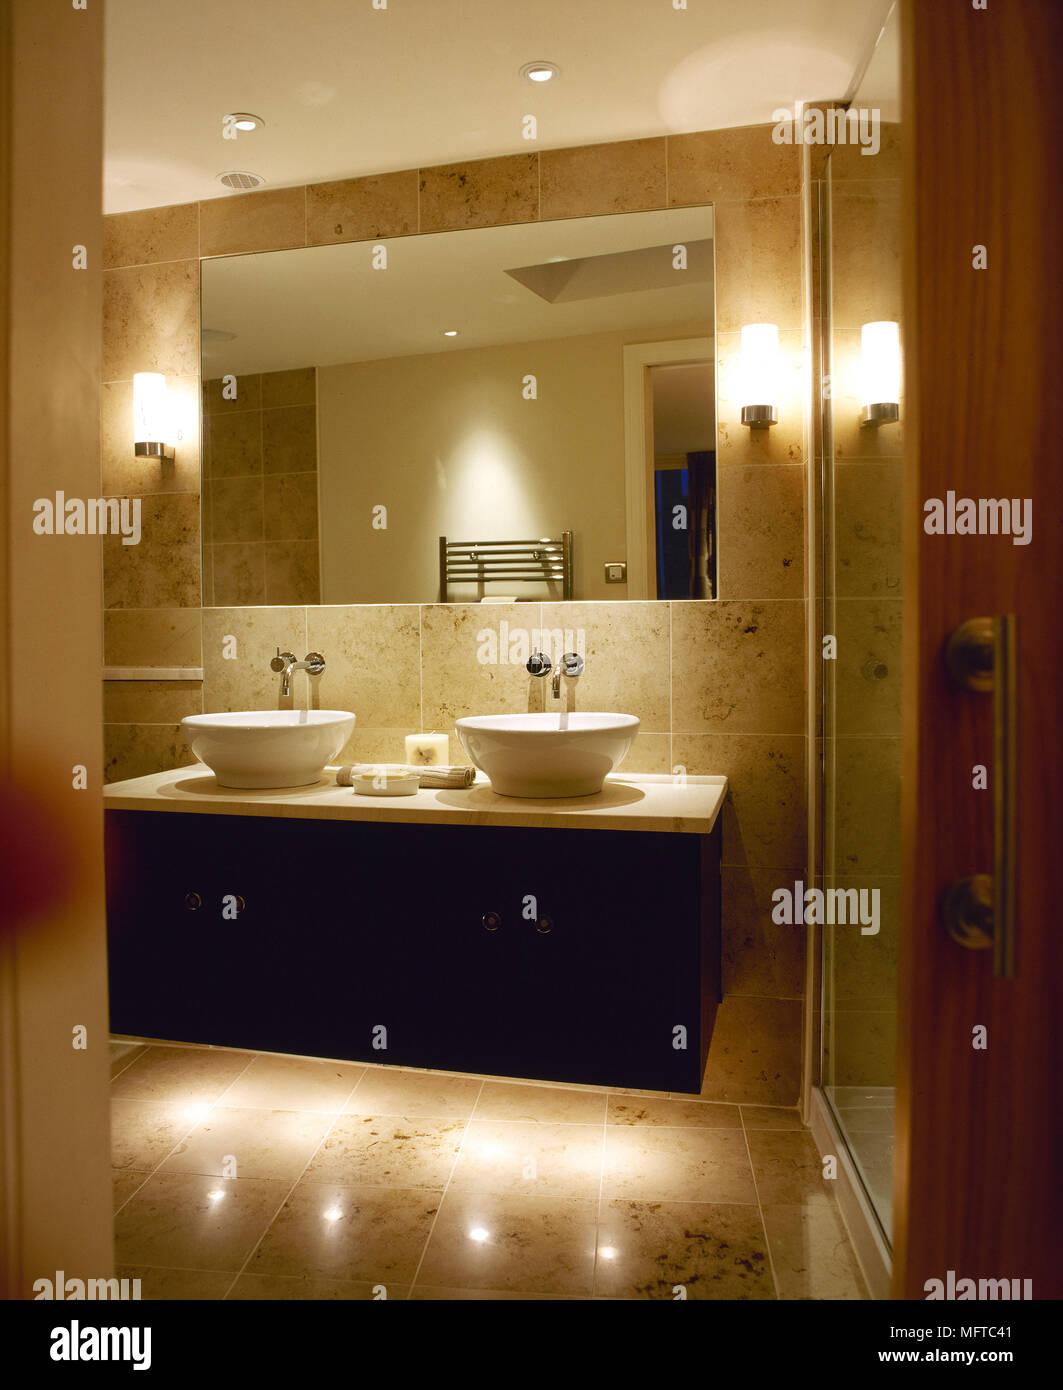 Applique Specchio Bagno Moderno moderno, bagno rivestito di piastrelle con lavandini doppi